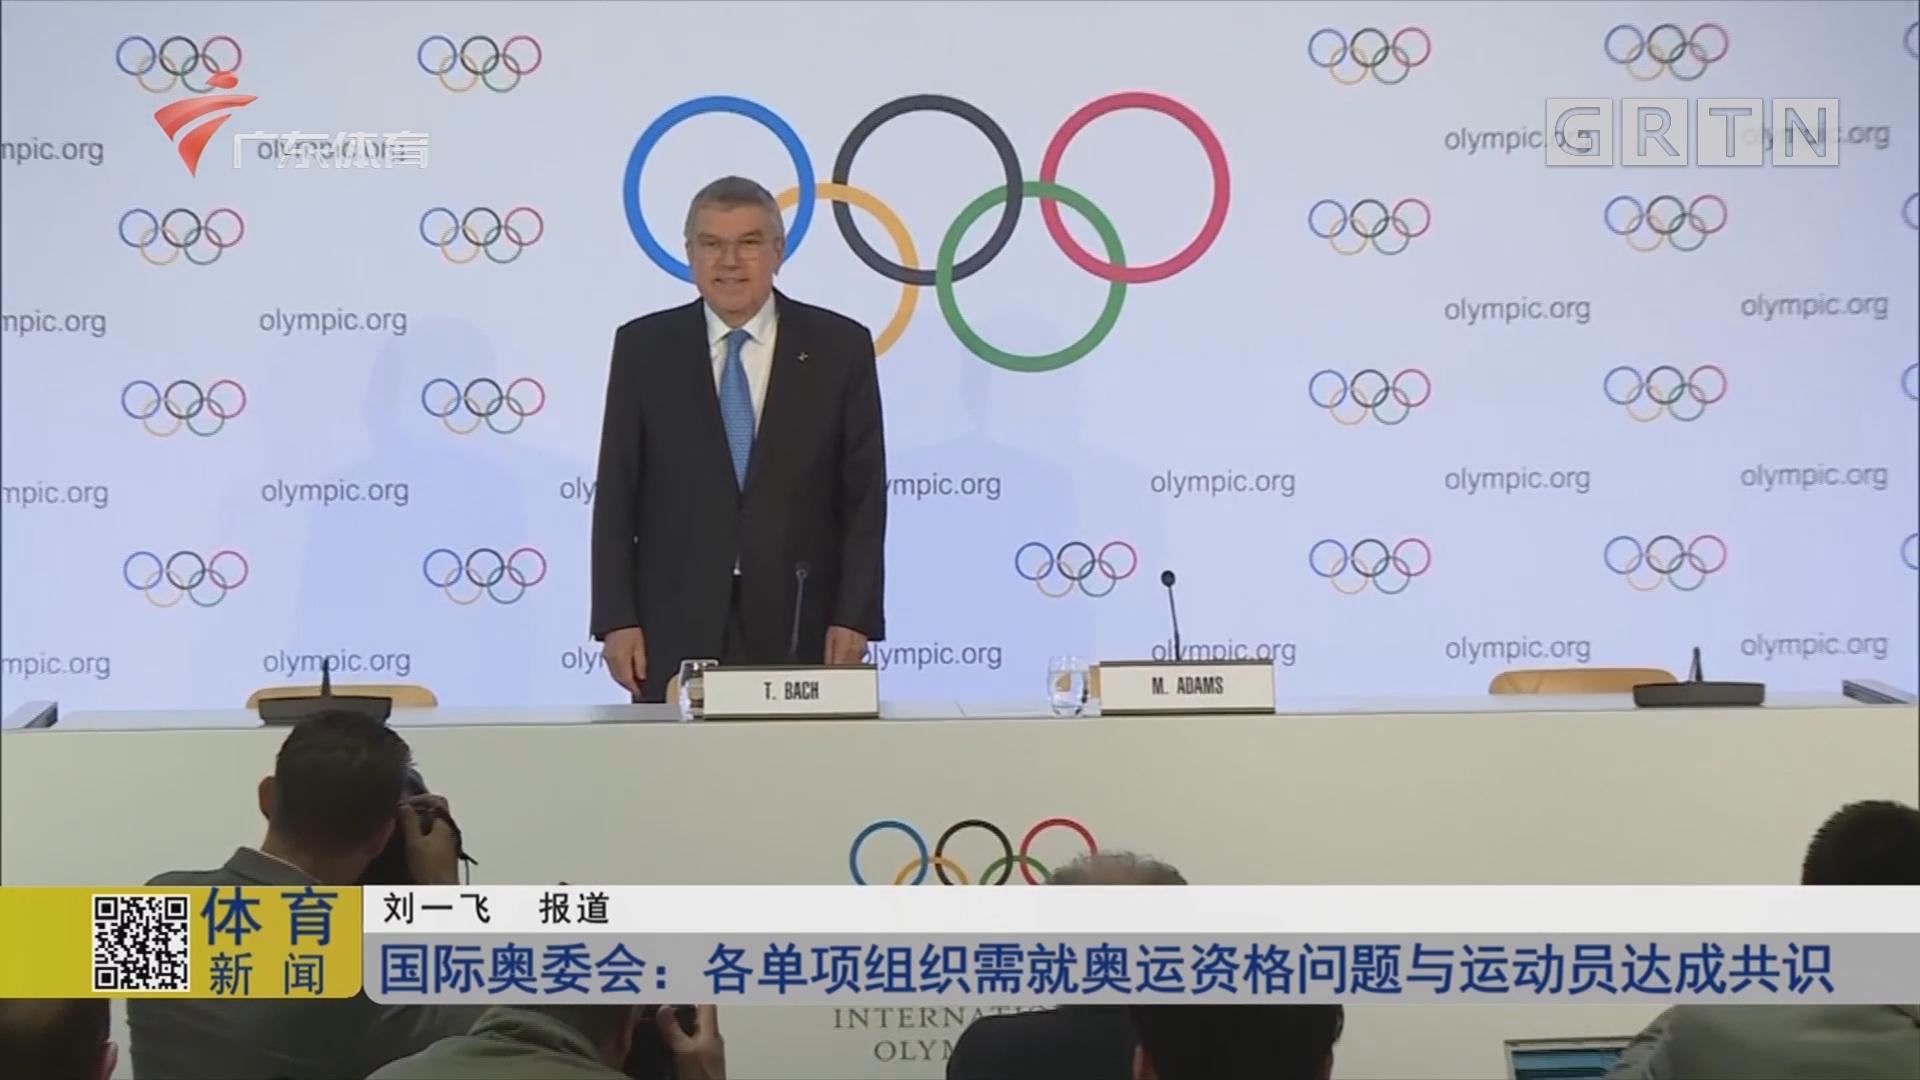 国际奥委会:各单项组织需就奥运资格问题与运动员达成共识